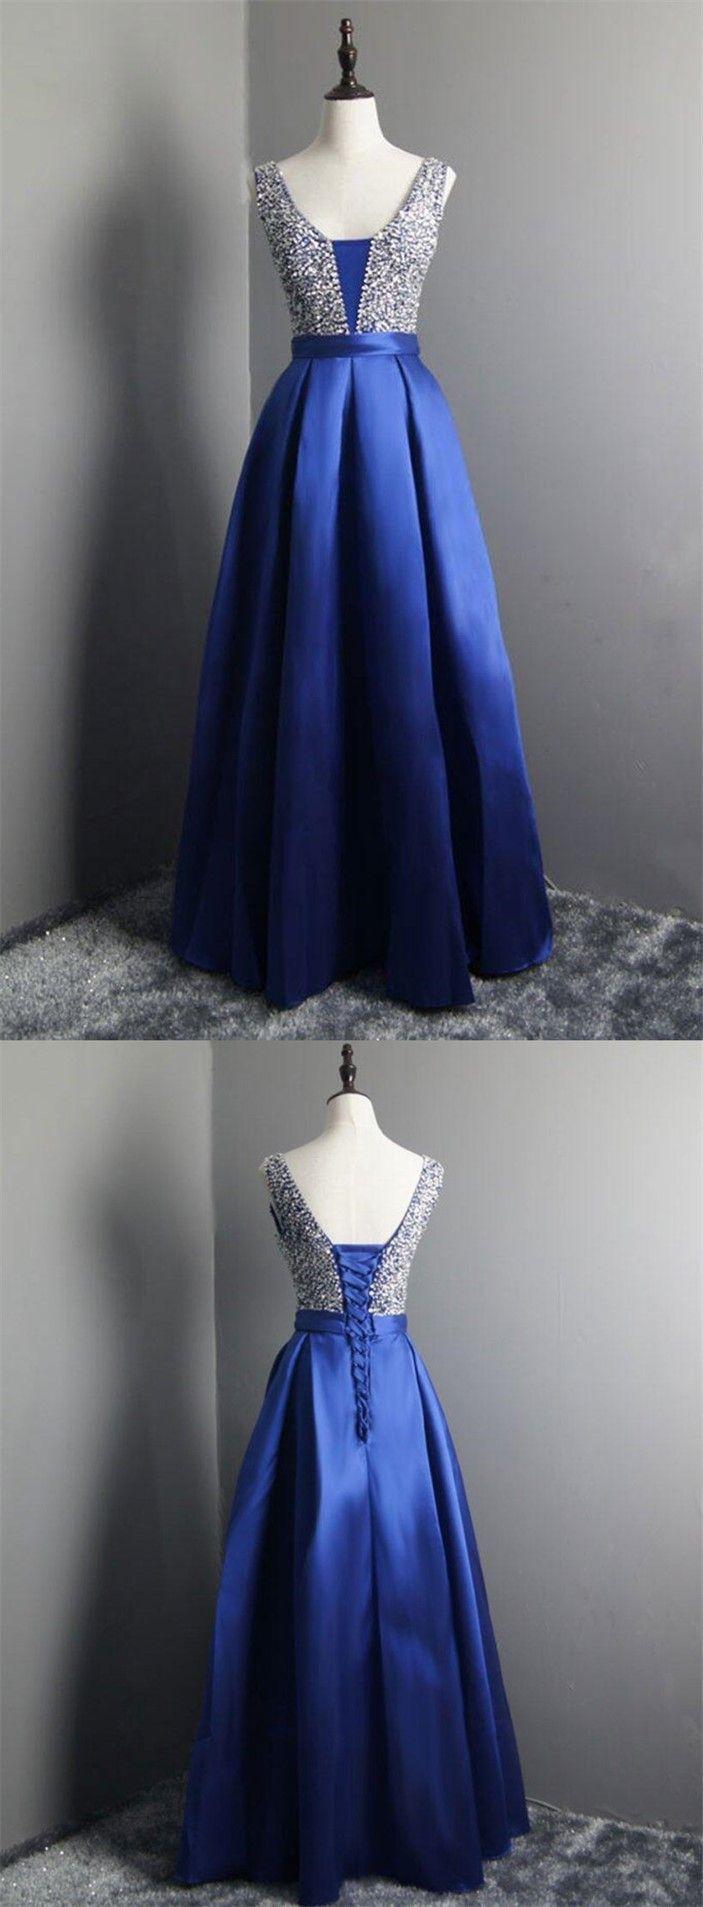 Royal blue prom dressvneck prom dresssequins prom dressbeaded